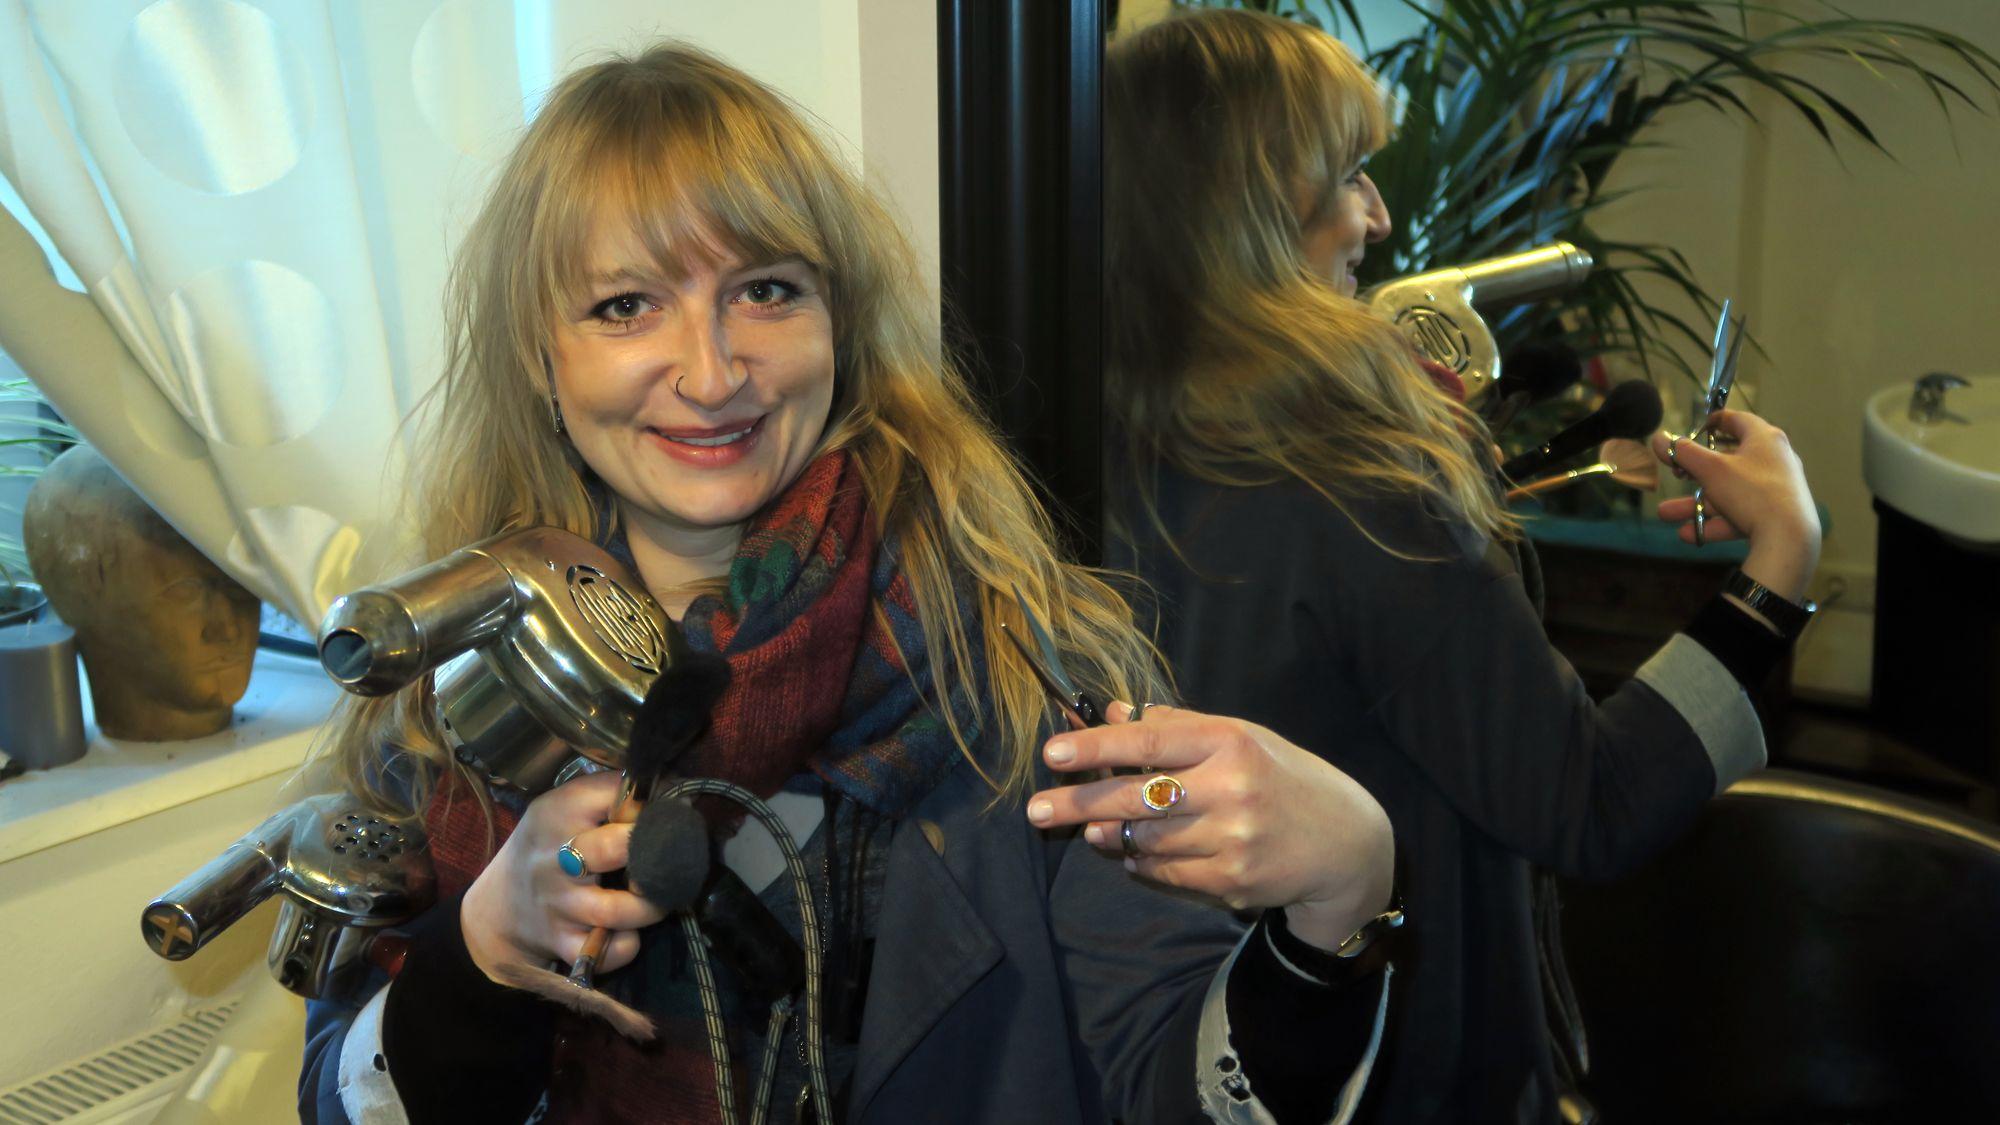 Friseurin mit Leidenschaft: Nadine Kaiser